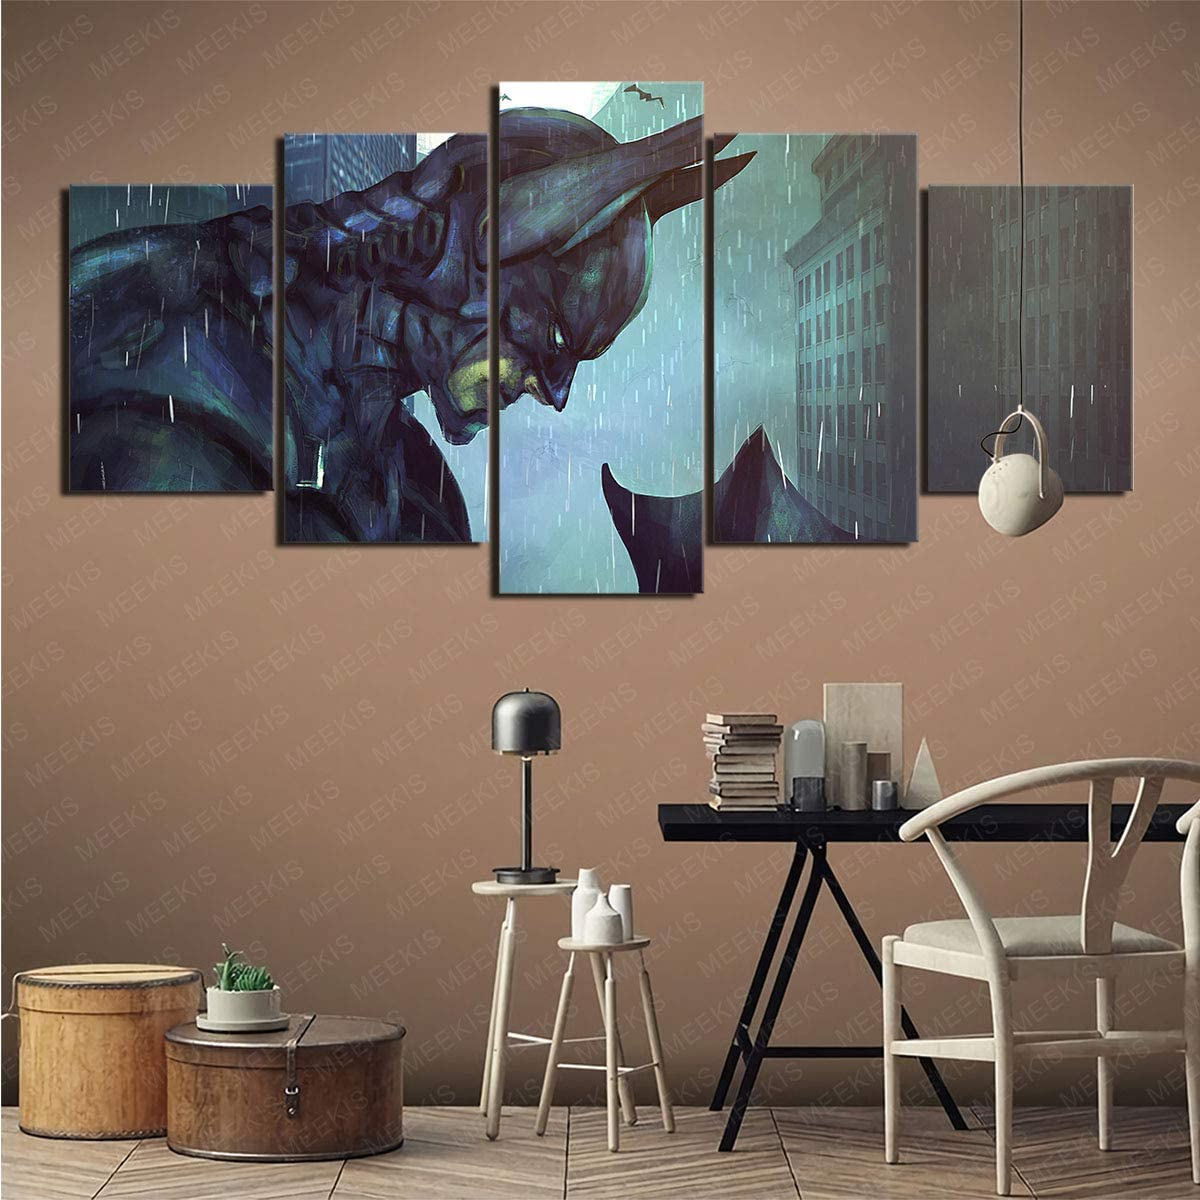 mmkow Flache K/ünstler Leinwand 5 St/ück Set Fahrzeug Toyota Foto Home Decoration Artwork 50x100cm Rahmenlos